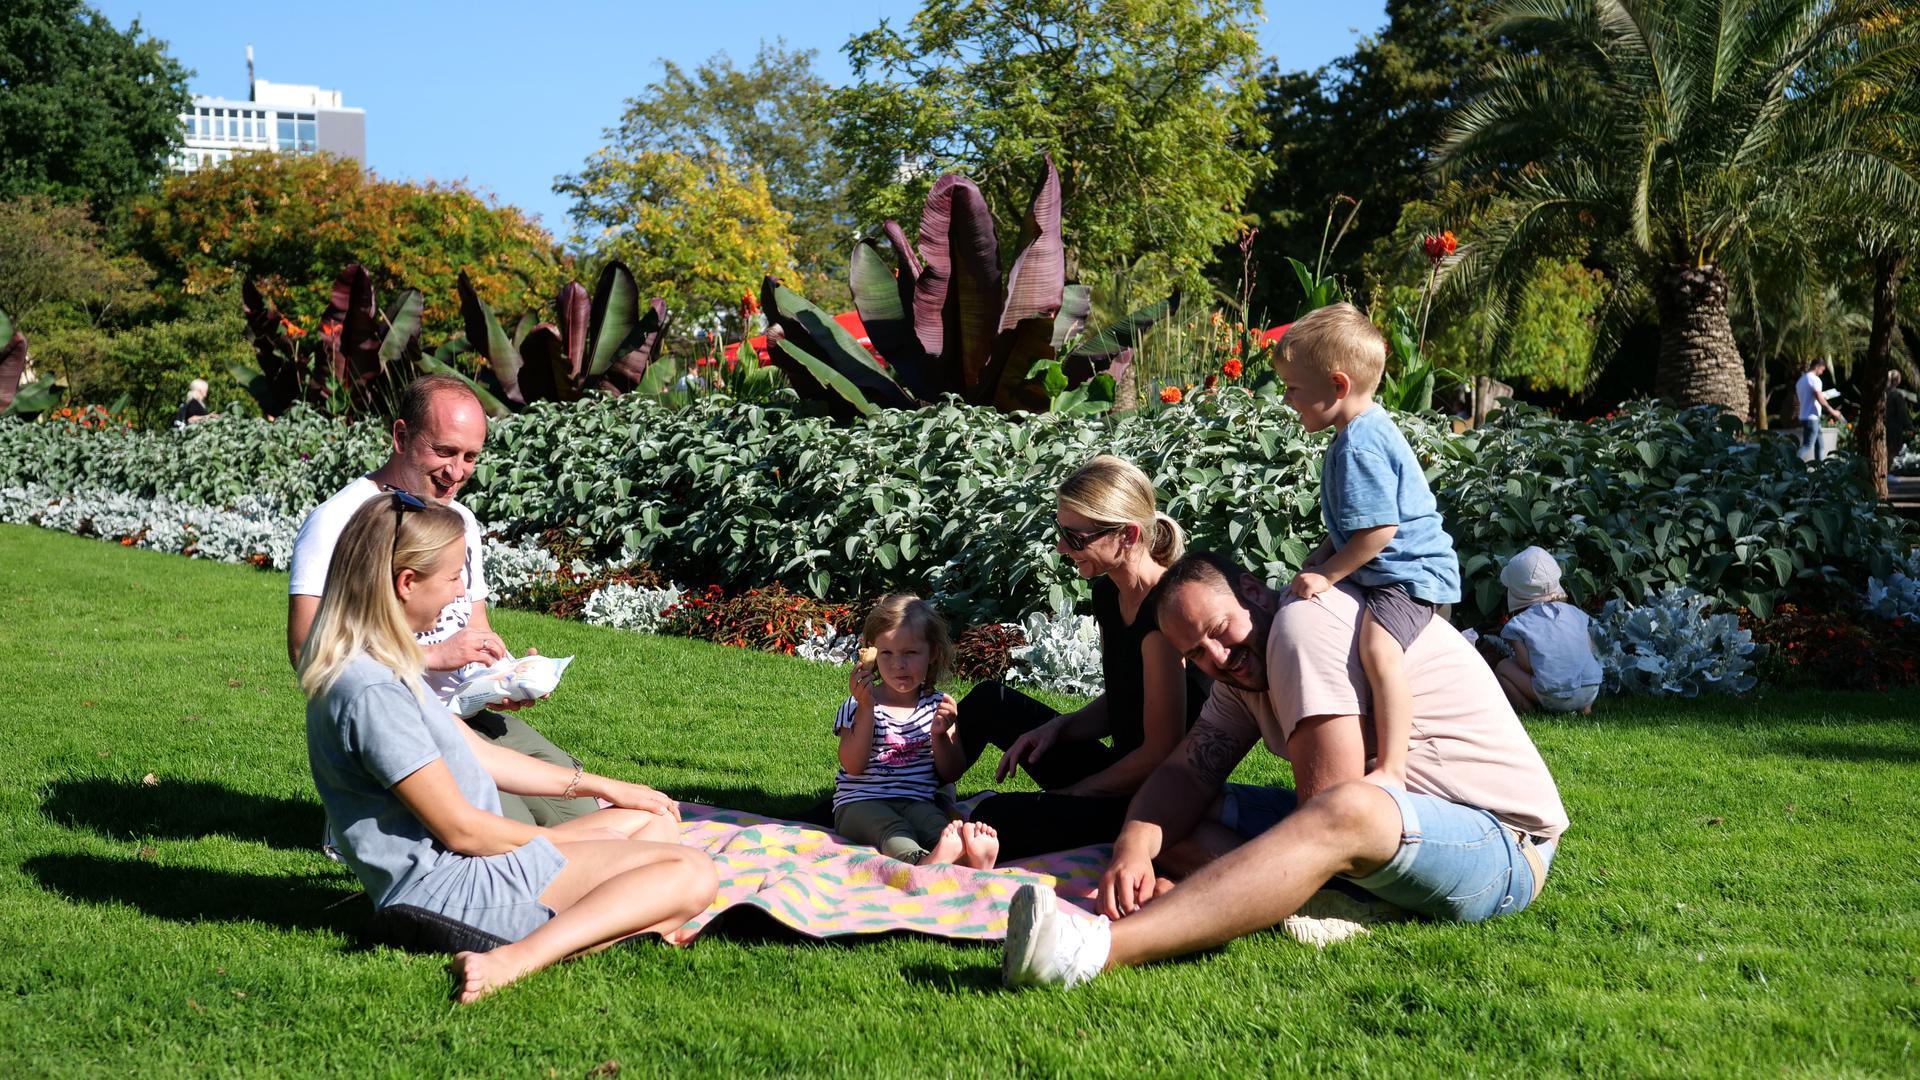 Sommer, Sonne, gute Laune: Überall im Stadtgebiet haben die Karlsruher das prächtige Wochenendwetter genossen - auch hier im Stadtgarten.